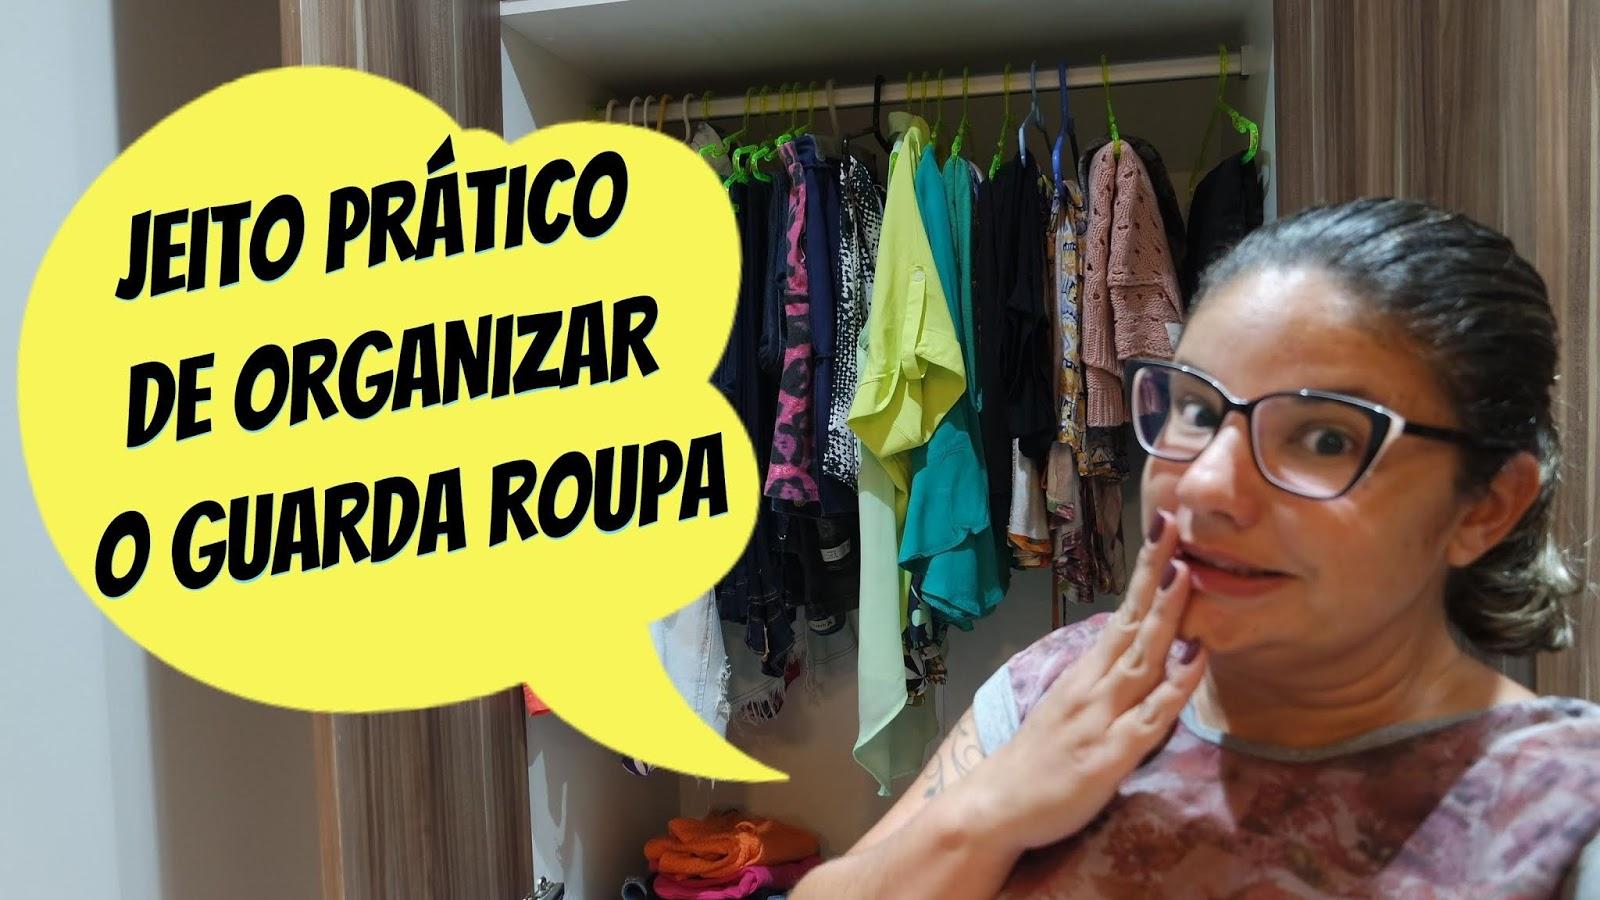 JEITO PRÁTICO E FÁCIL DE ORGANIZAR O GUARDA ROUPA